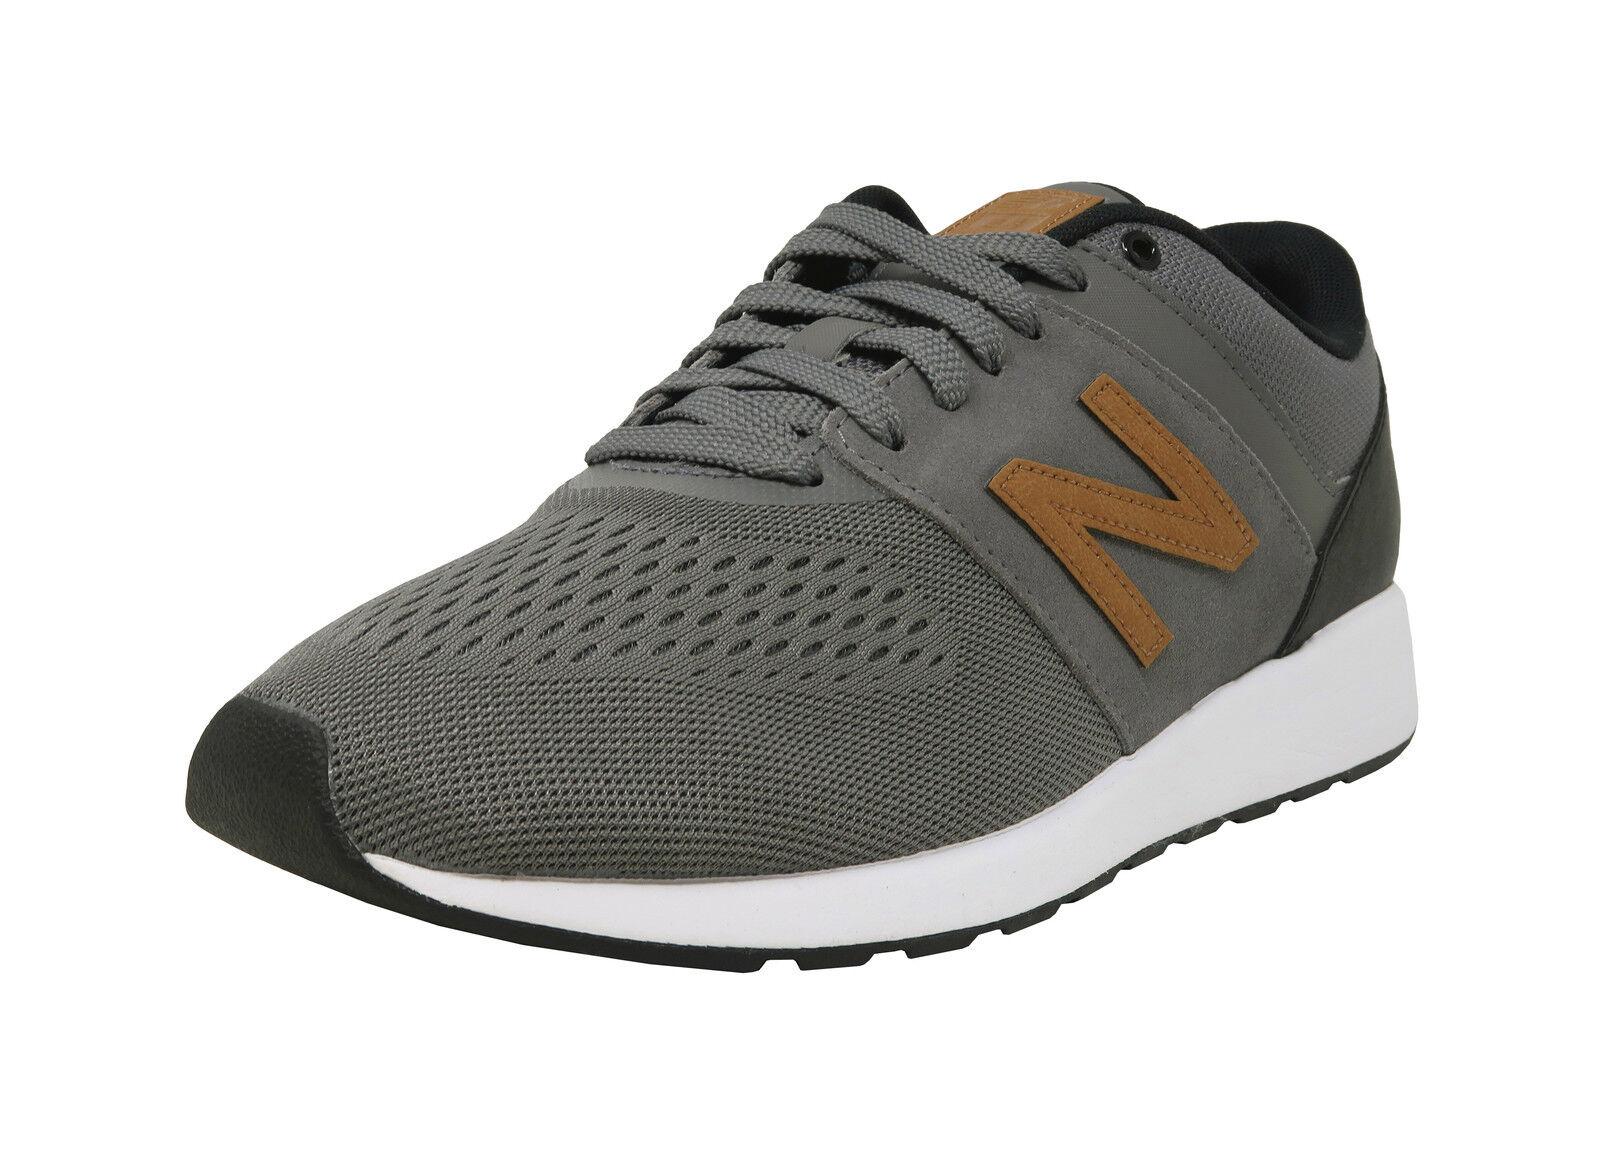 New Balance los 24 zapatos corrientes de los Balance hombres de mrl24crc - gris / marron 7bfa68